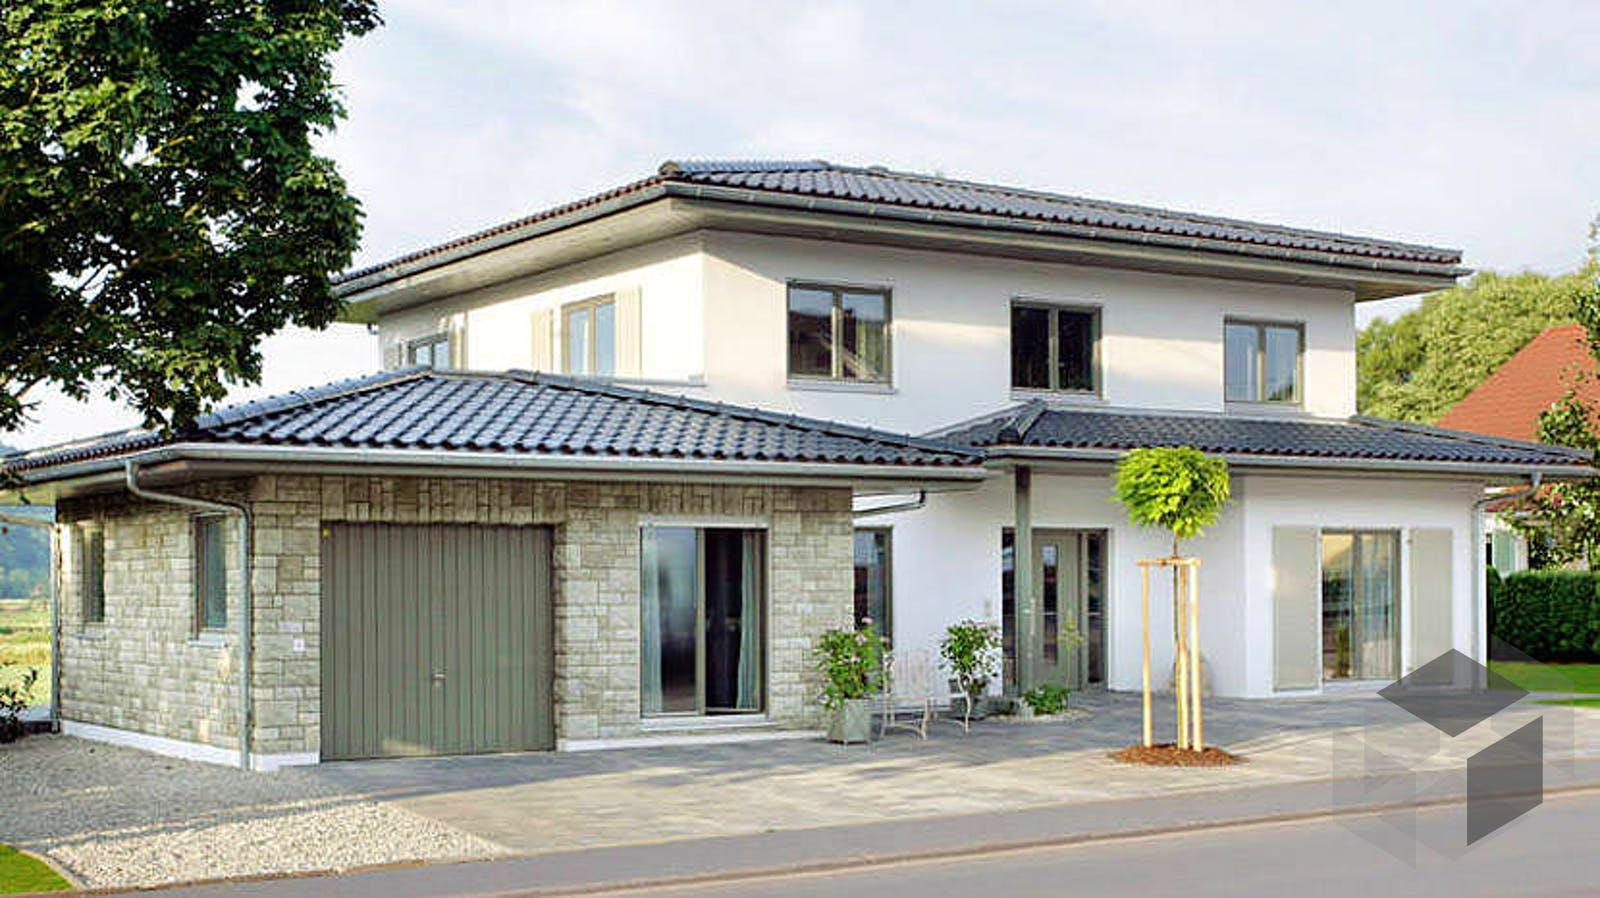 E 20 201 1 inactive von schw rerhaus komplette for Hausplan einfamilienhaus